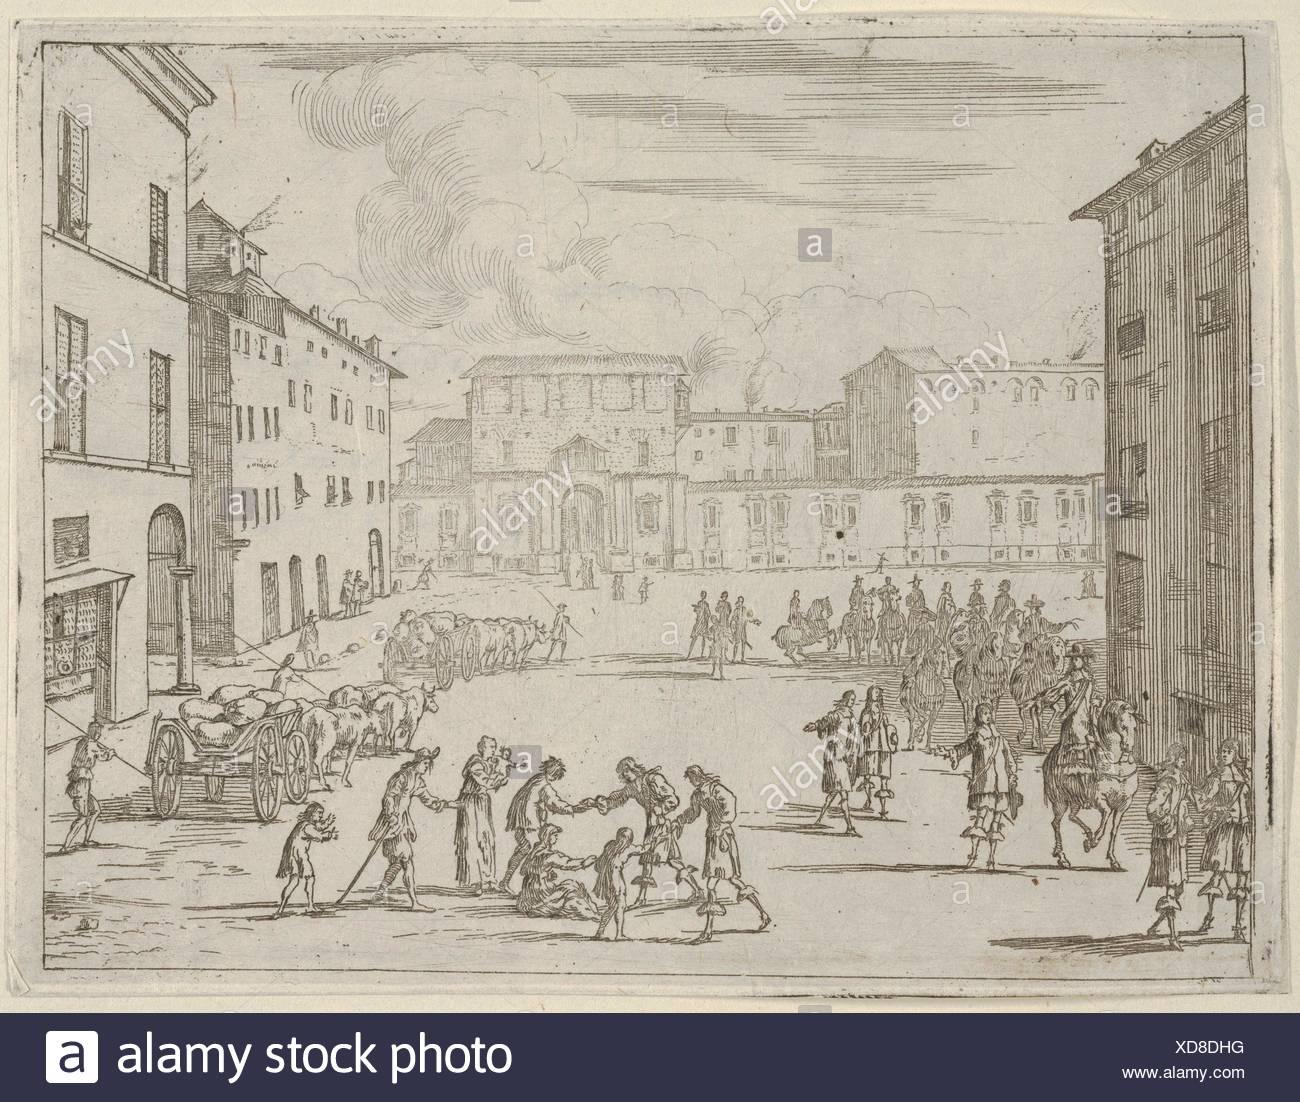 Francesco I d'Este asiste a sus súbditos con gran generosidad durante la gran hambruna de 1648 y 1649, L'Idea di un Principe ed Eroe Cristiano Imagen De Stock